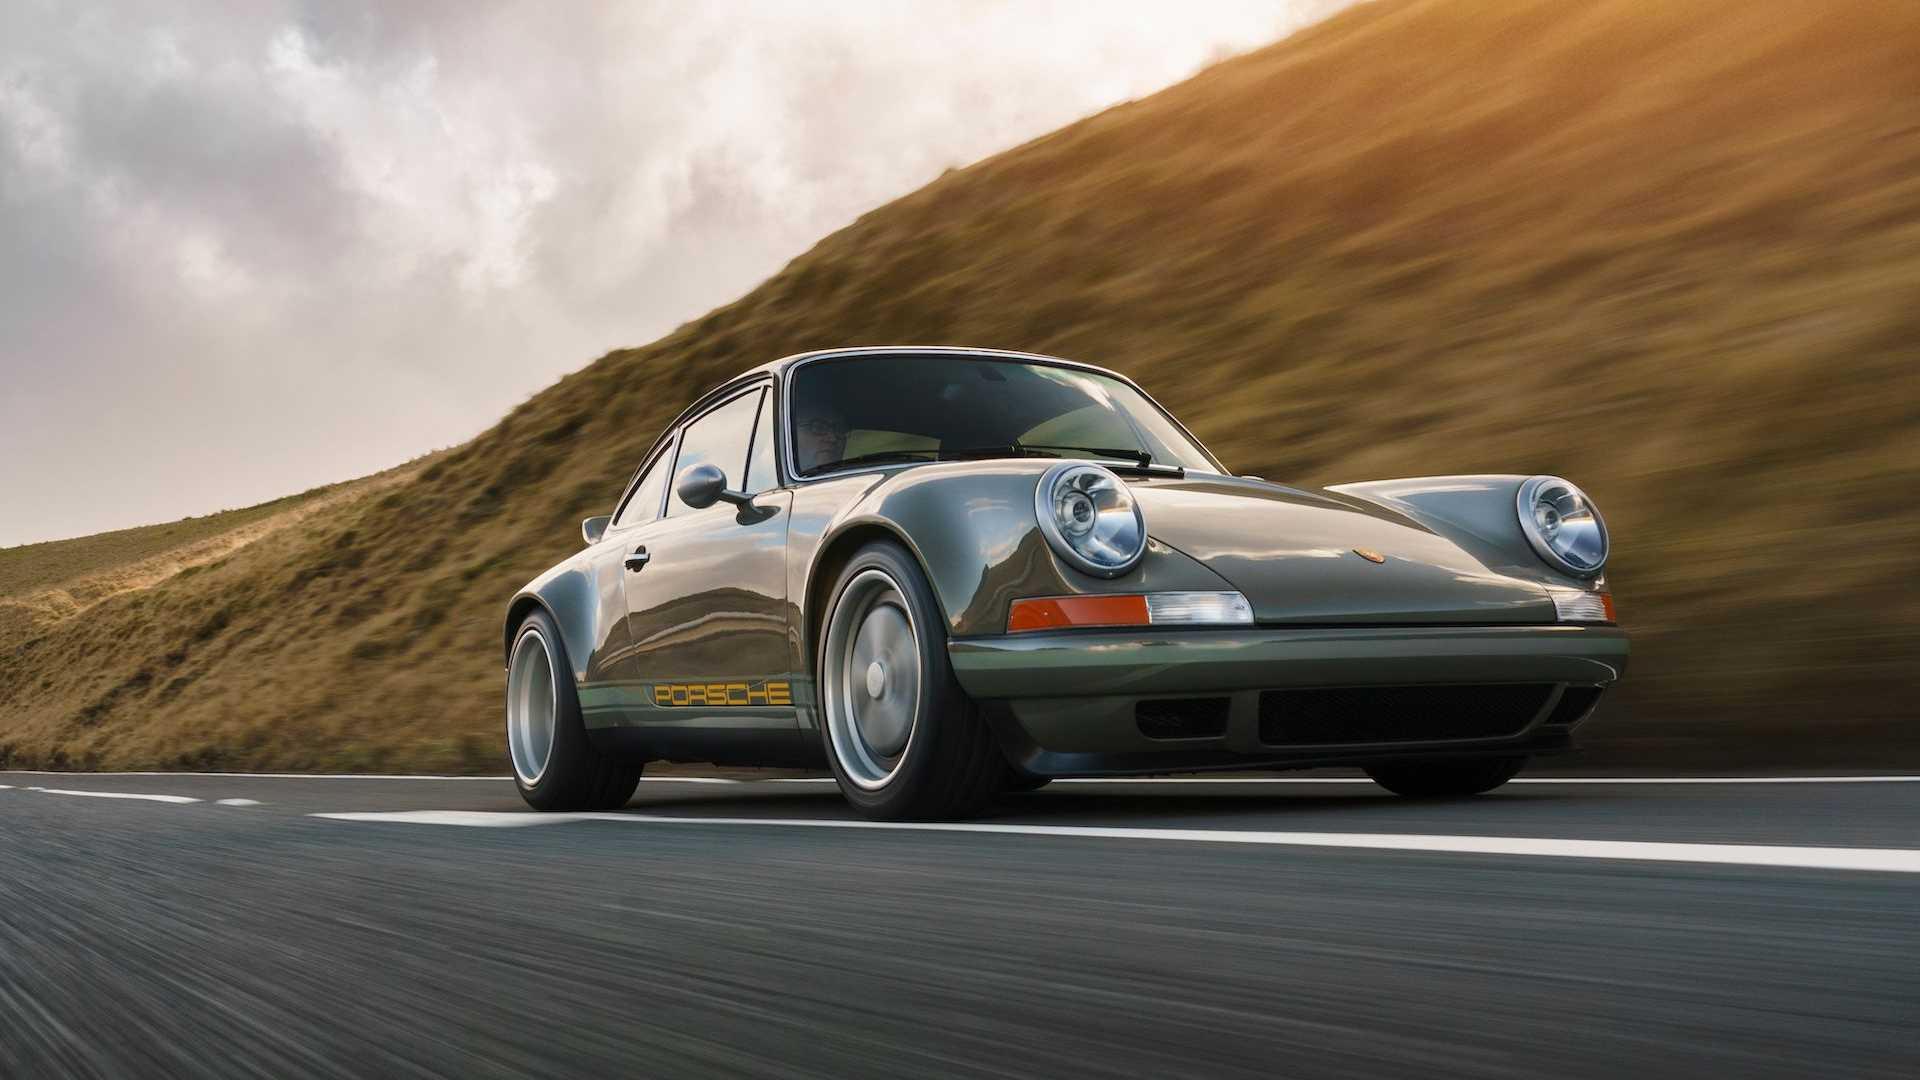 Theon-Design-HK002-Porsche-911-50